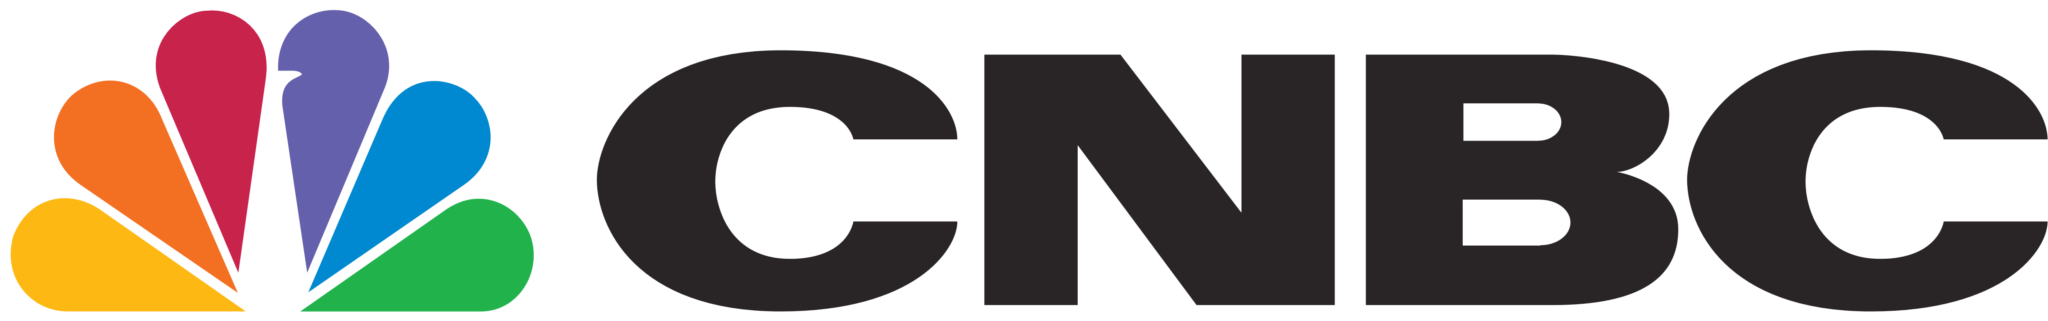 5c63623e44c19c28142a1f2a_CNBC-Logo